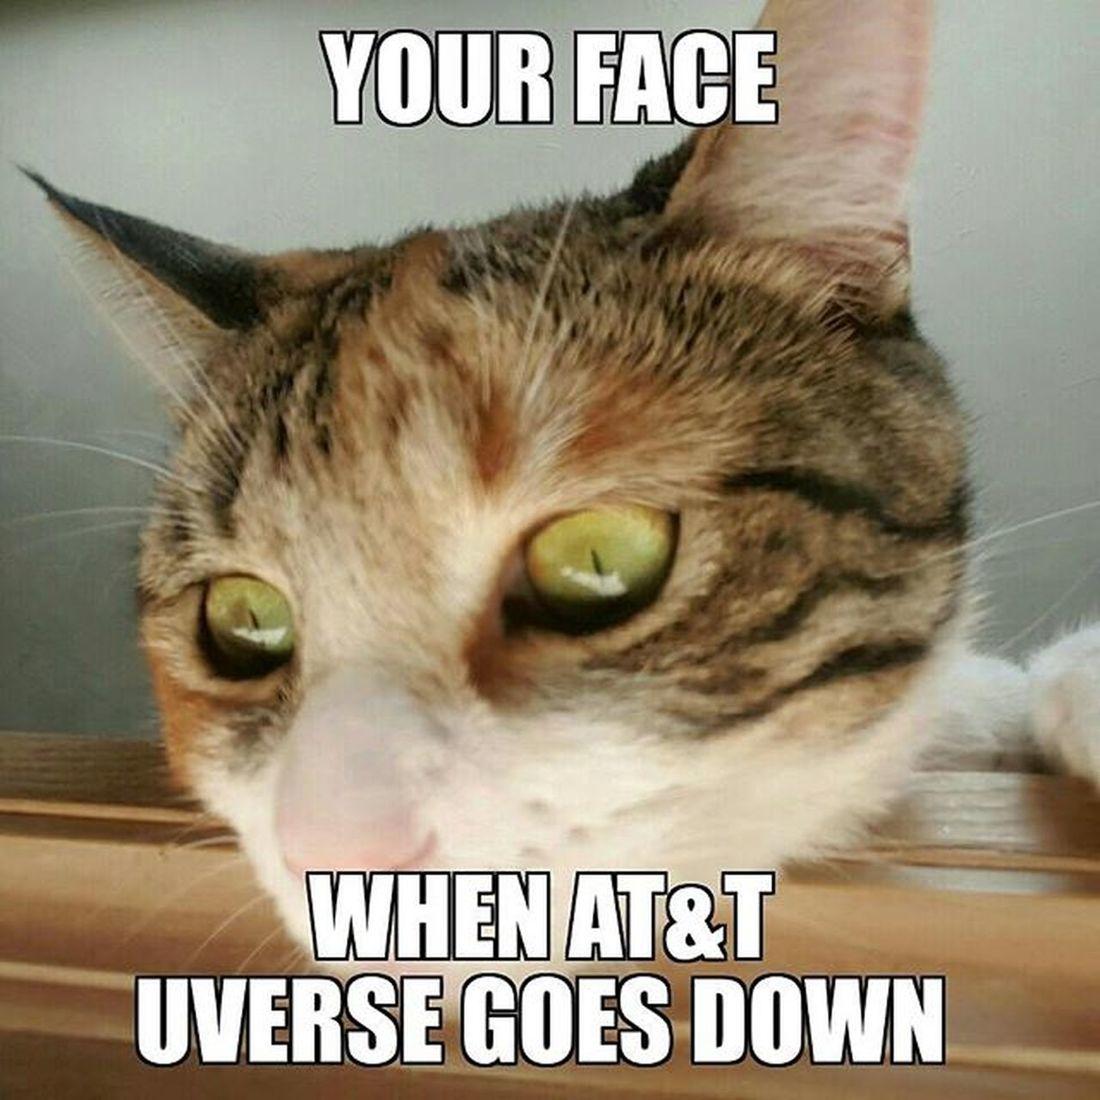 Att UVerse Catsofinstagram